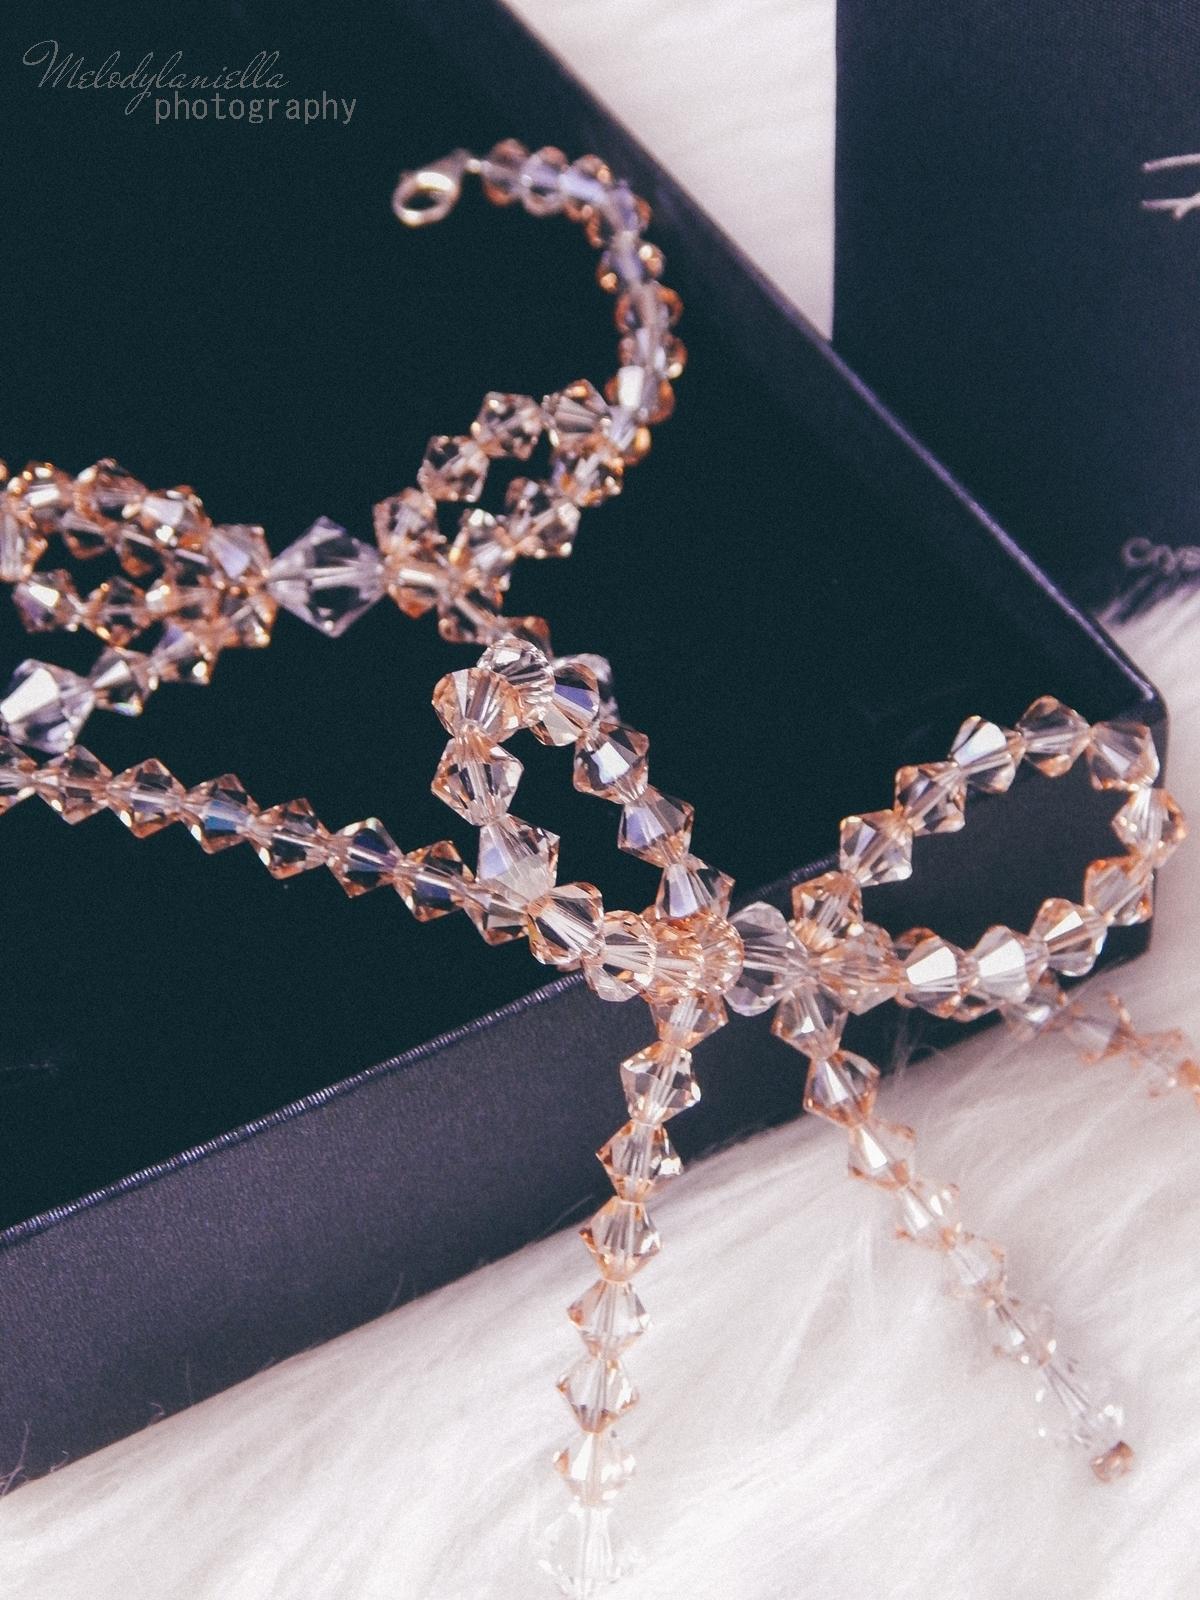 2 biżuteria M piotrowski recenzje kryształy swarovski przegląd opinie recenzje jak dobrać biżuterie modna biżuteria stylowe dodatki kryształy bransoletka z kokardką naszyjnik z kokardą złoto srebro fashion